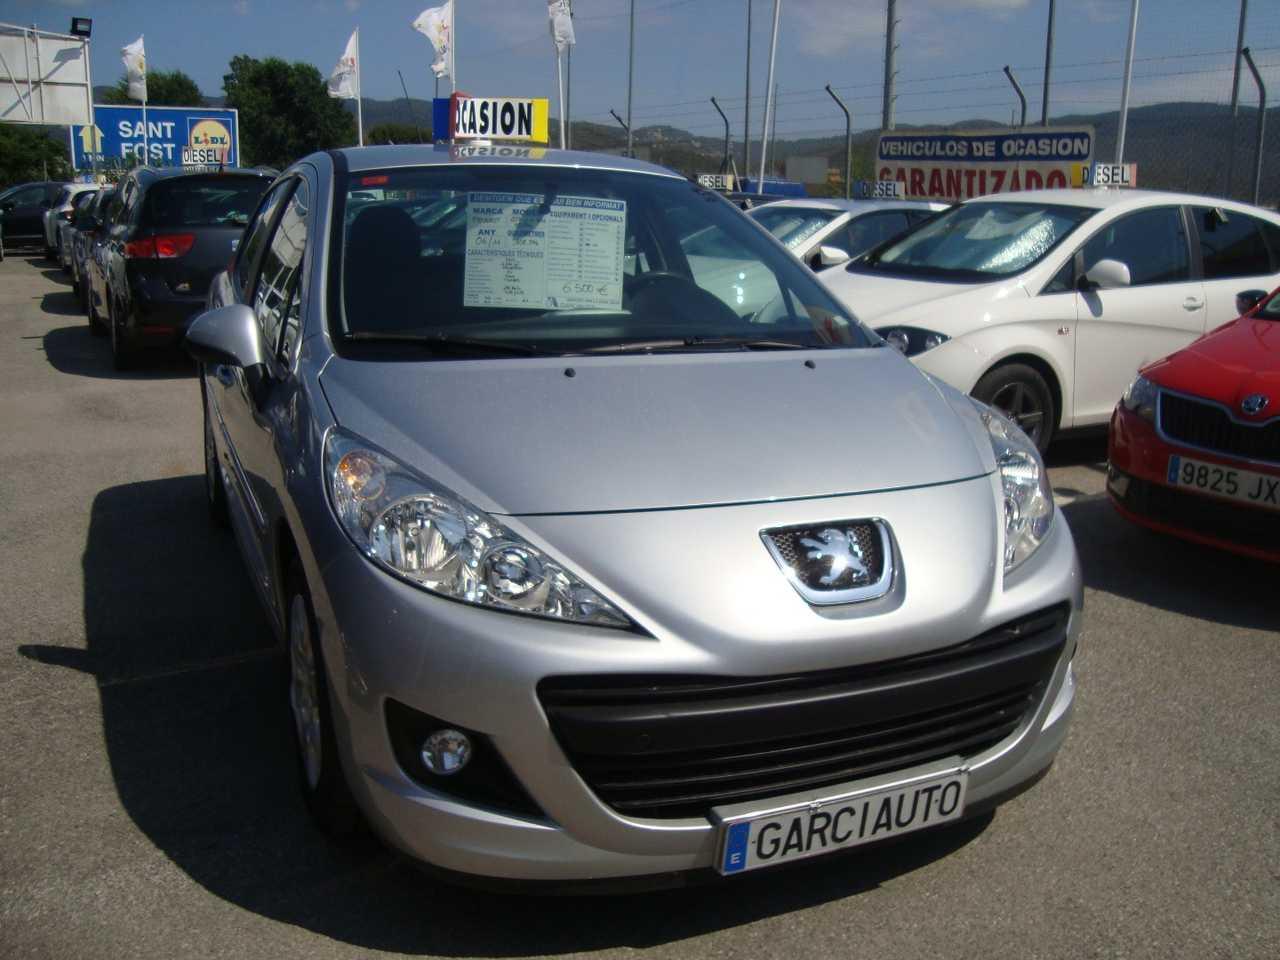 Peugeot 207 1.4 ACCES 75 CV 5 P   - Foto 1